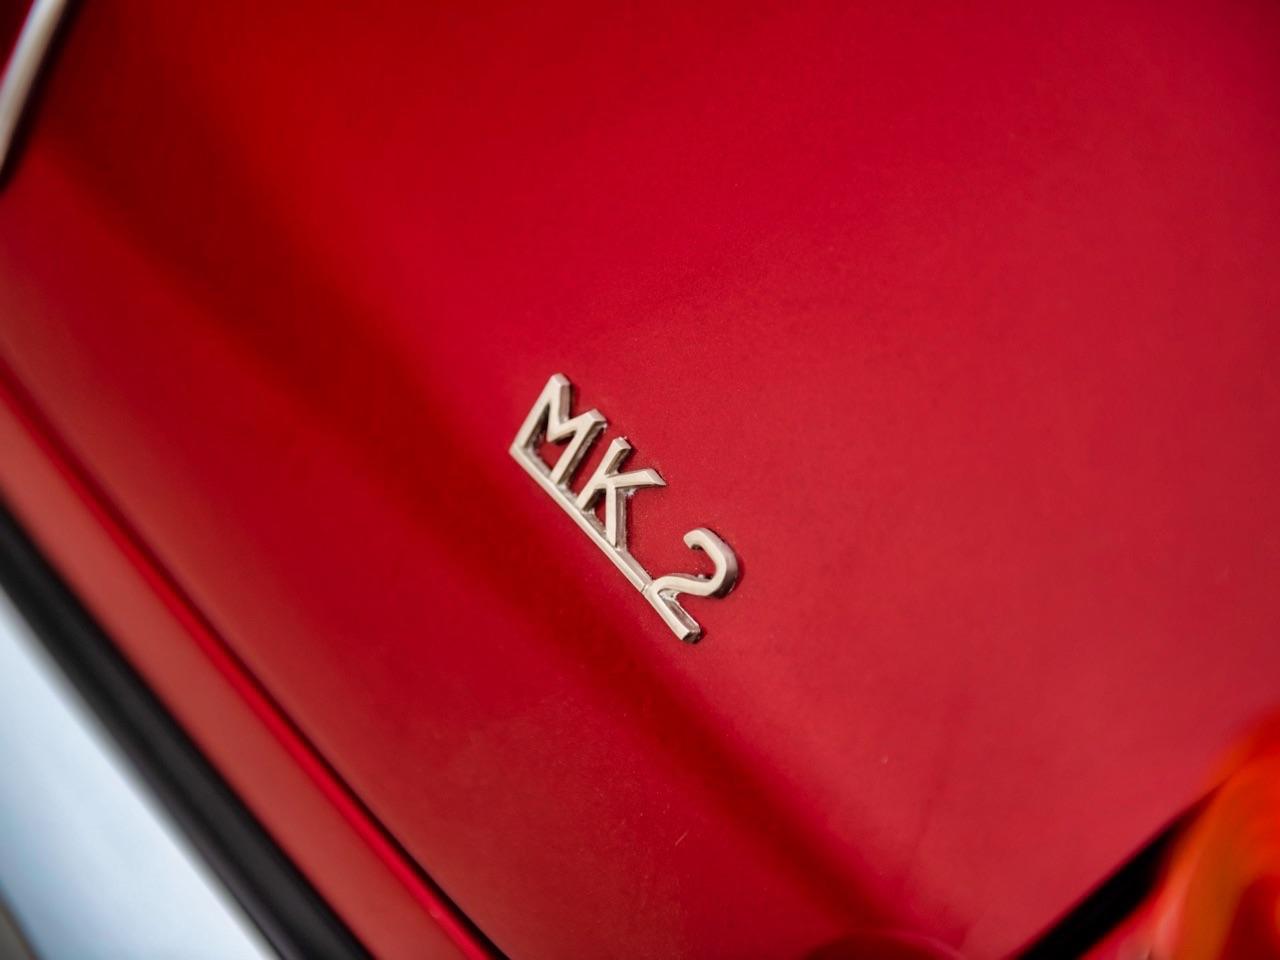 Restomod Jaguar Mk2 3.8... enfin, plutôt Beacham V8 Supercharged ! 5